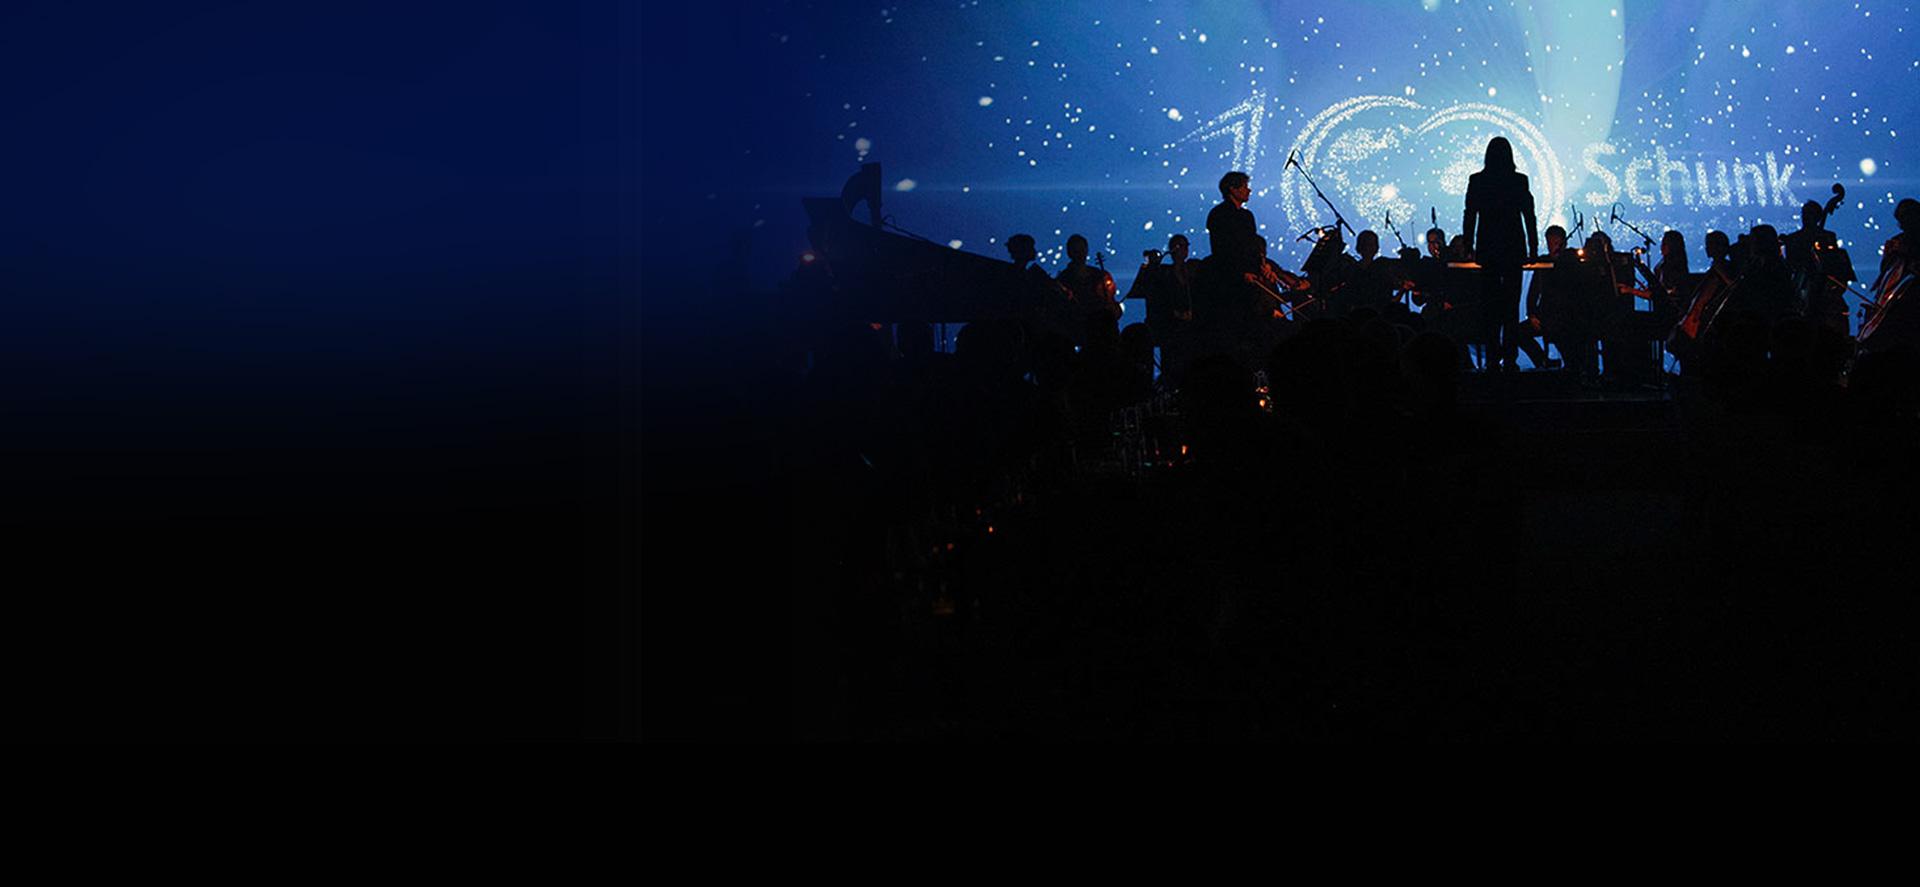 Lichttechnik, Home, Bühne, Event, Orchester